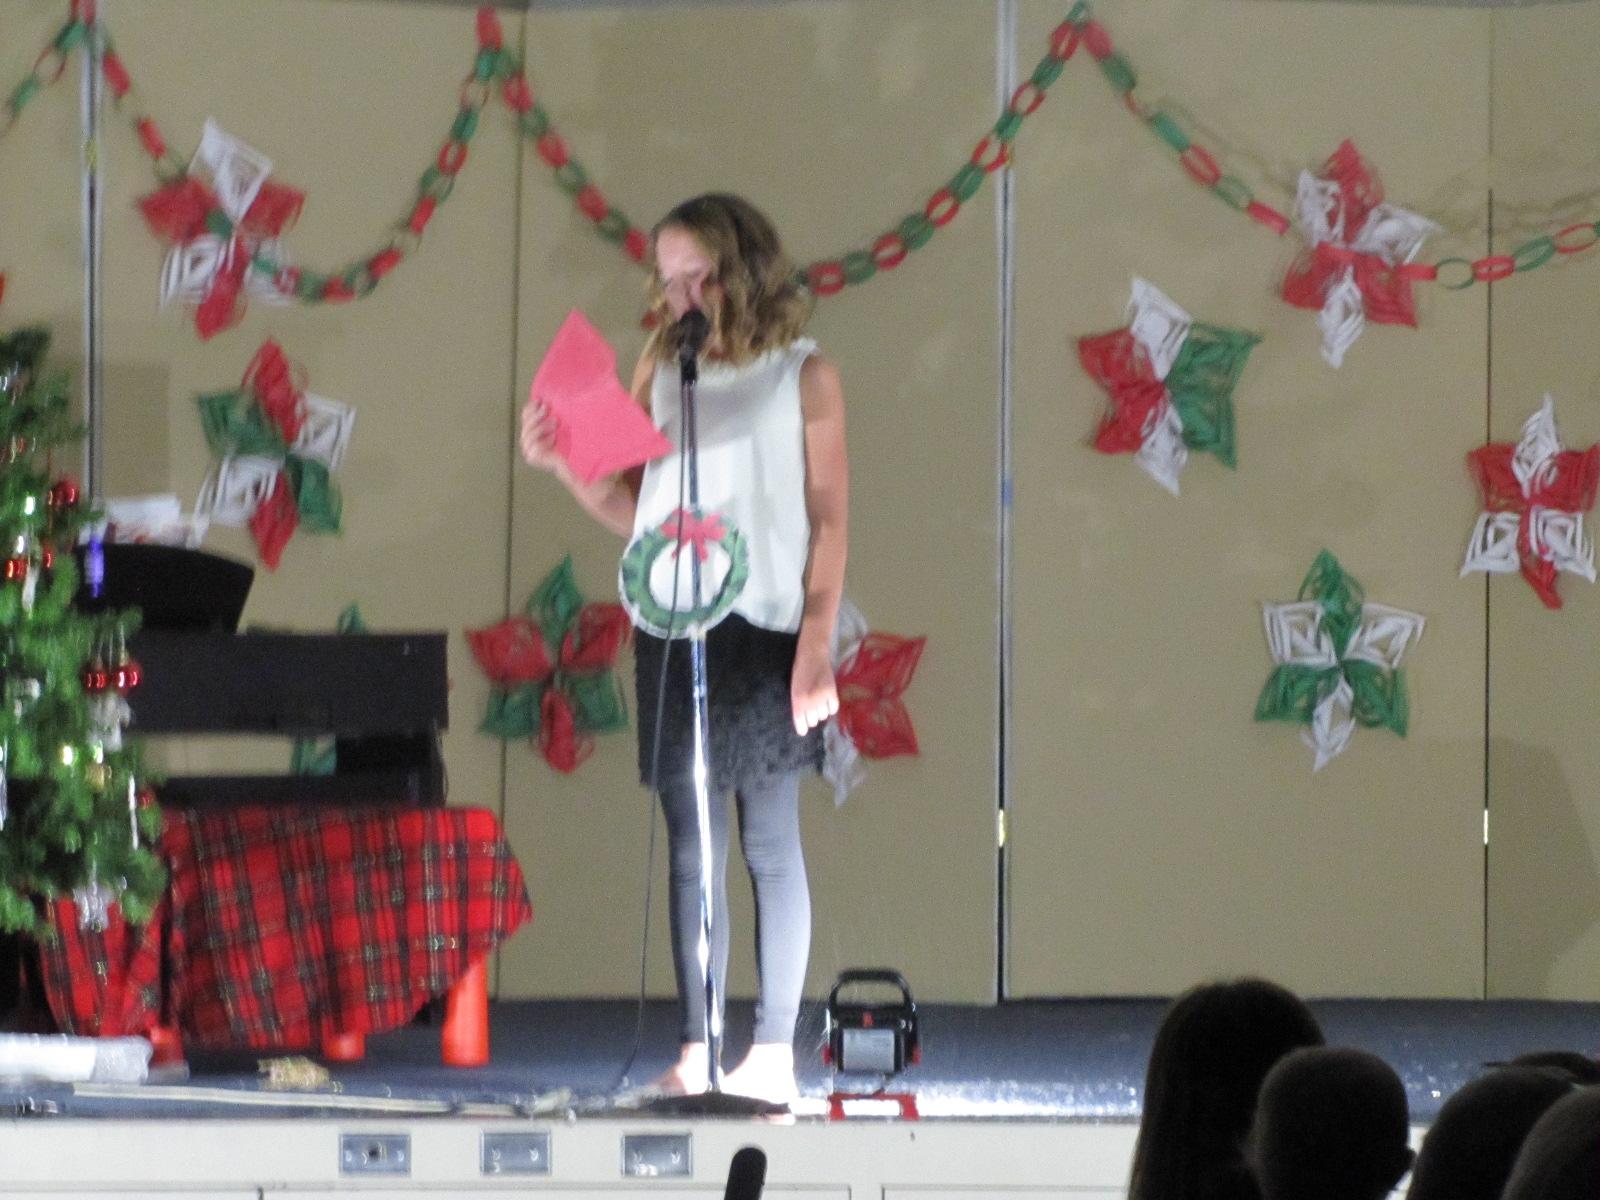 2014-12-17 TV School Christmas Concert 009